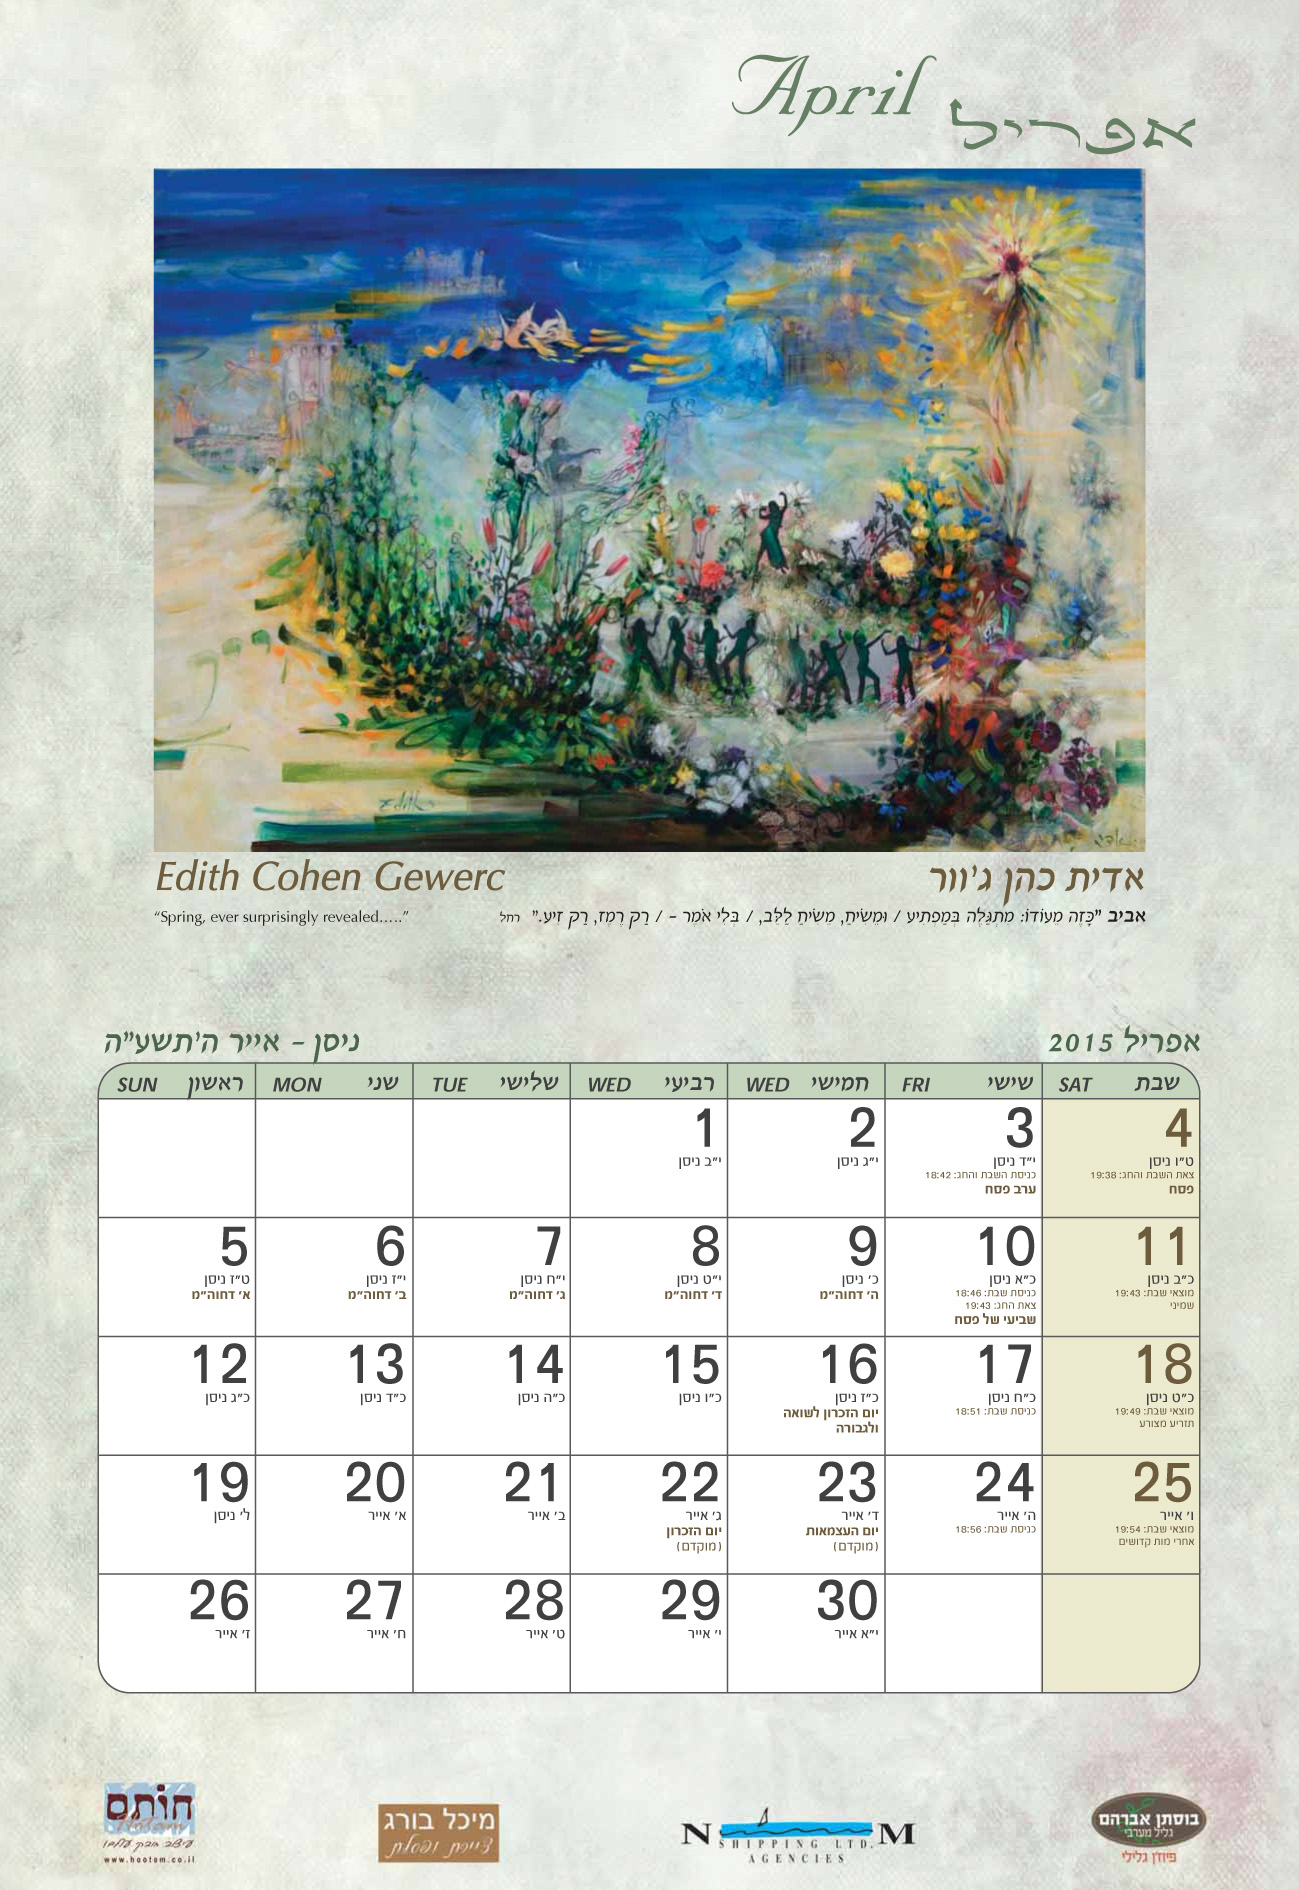 april.2014  אייר  calendrier